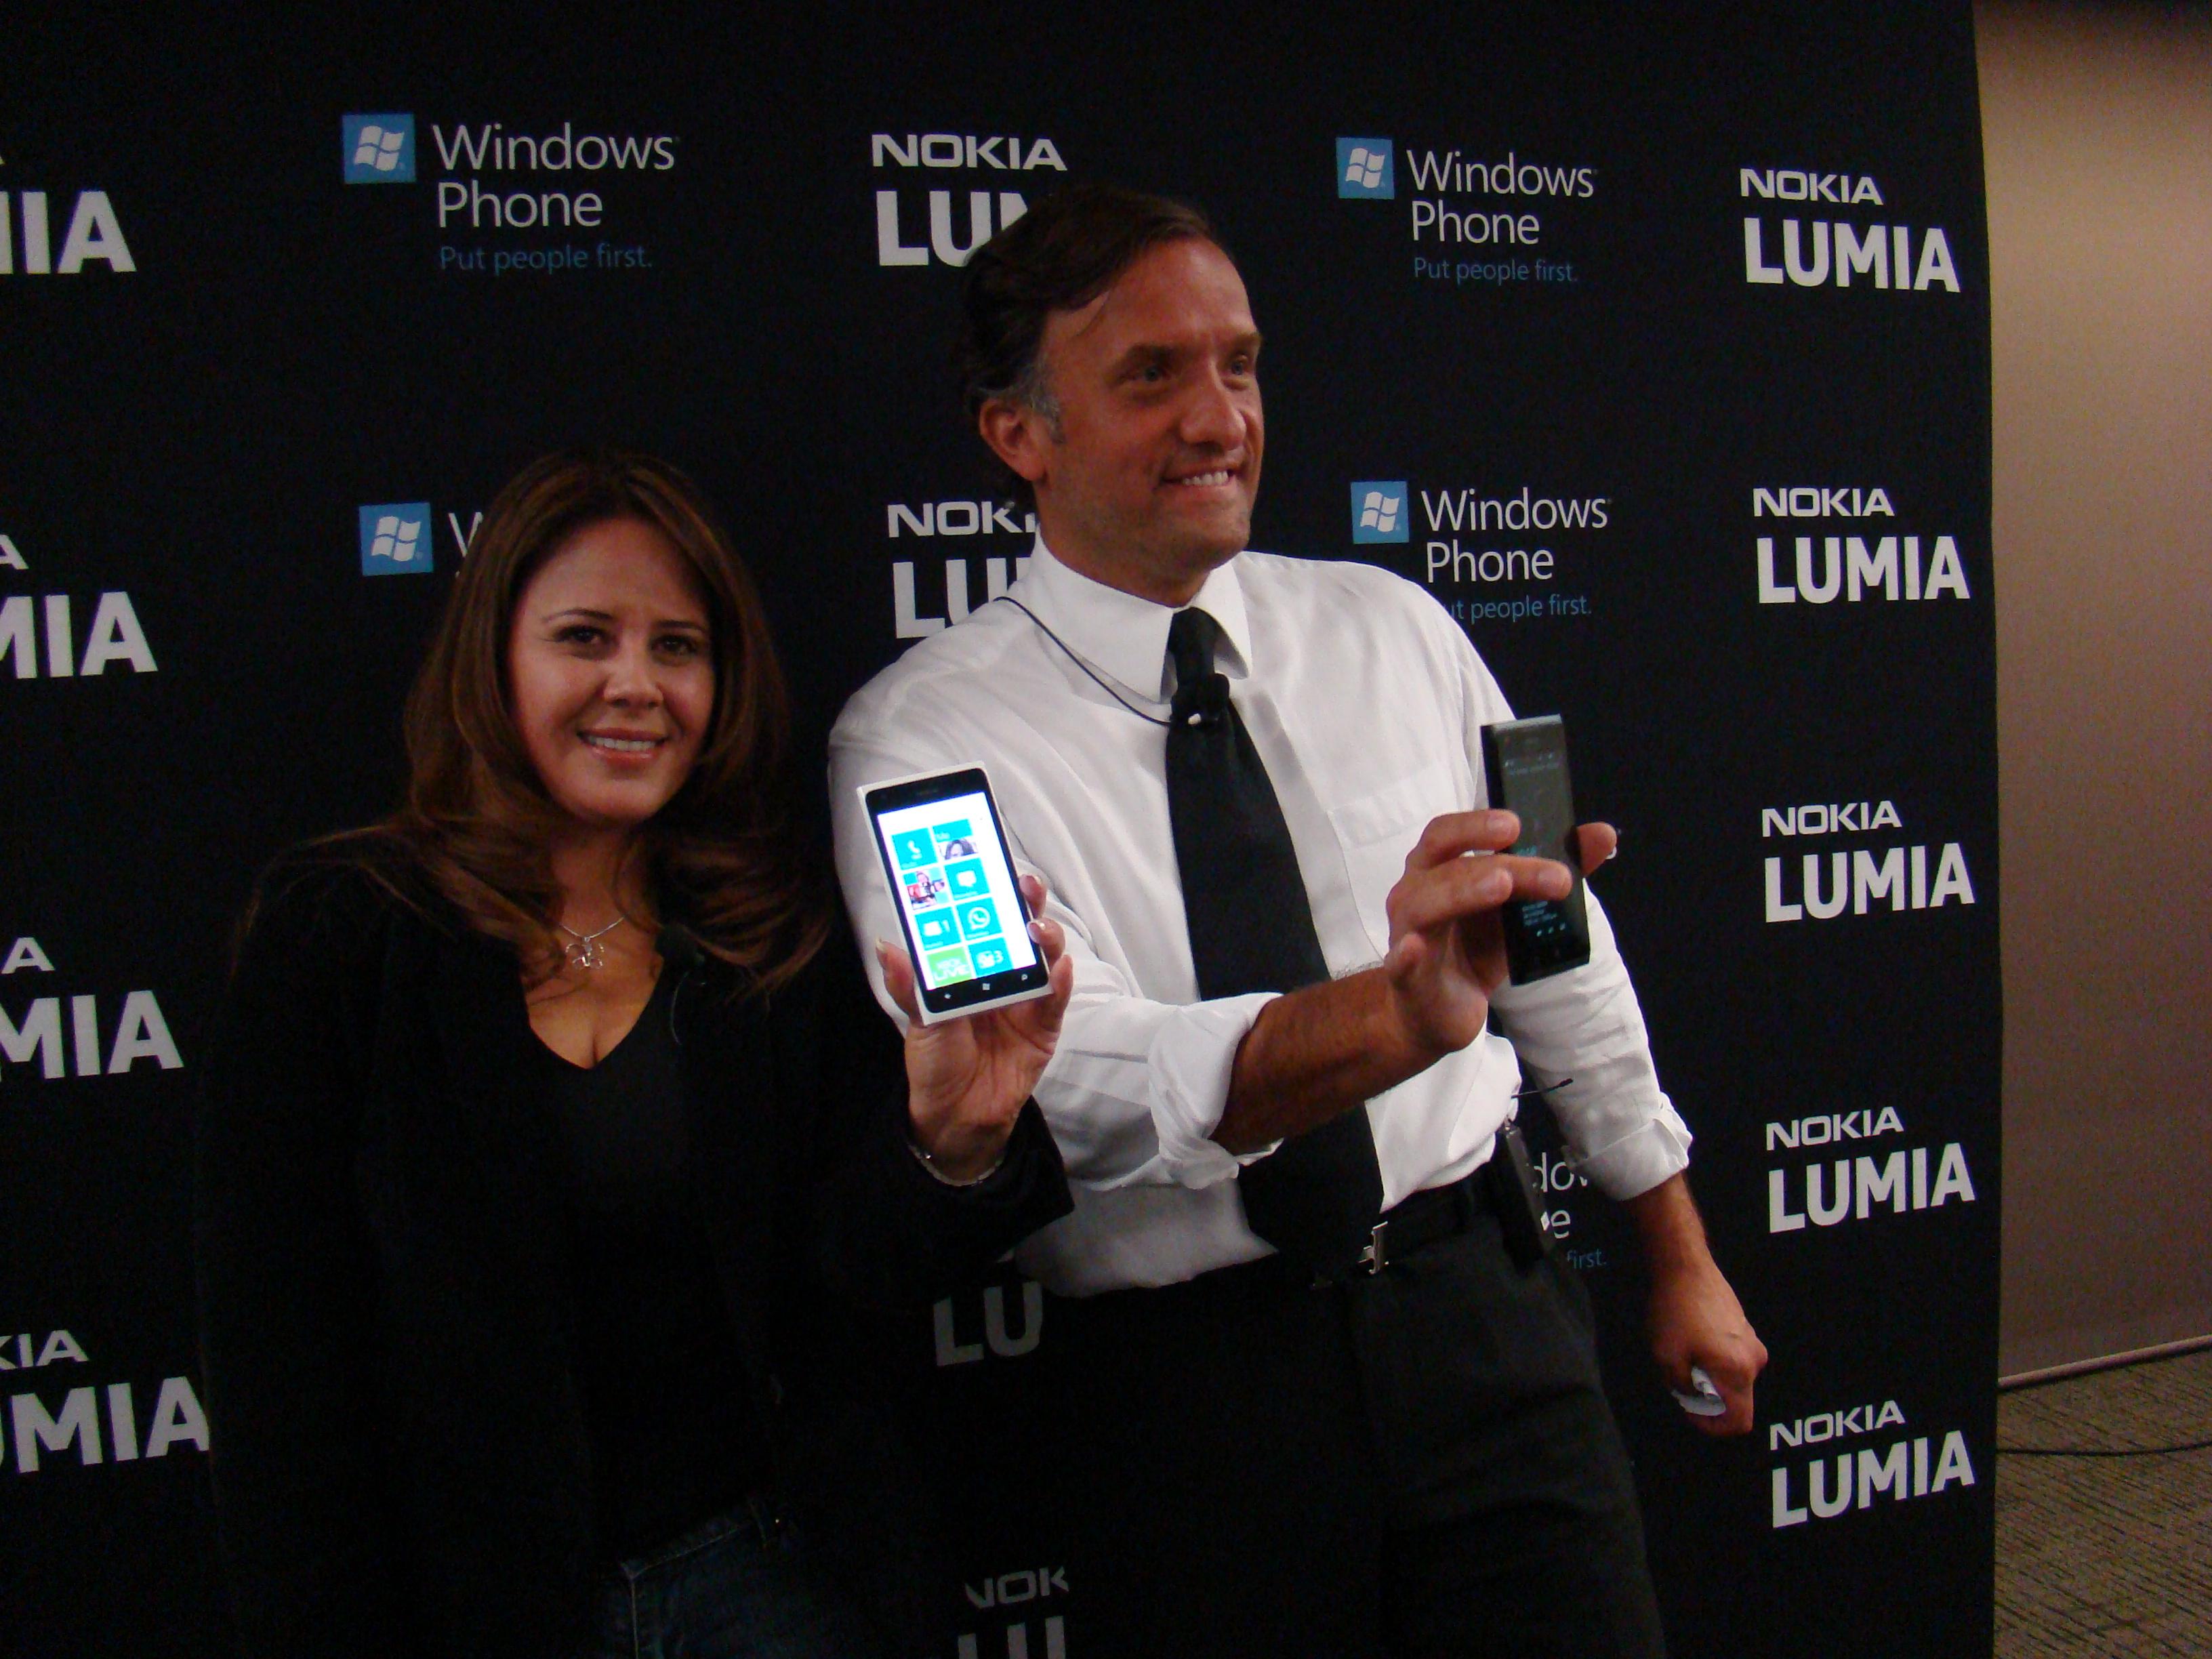 Nokia Lumia 900 11